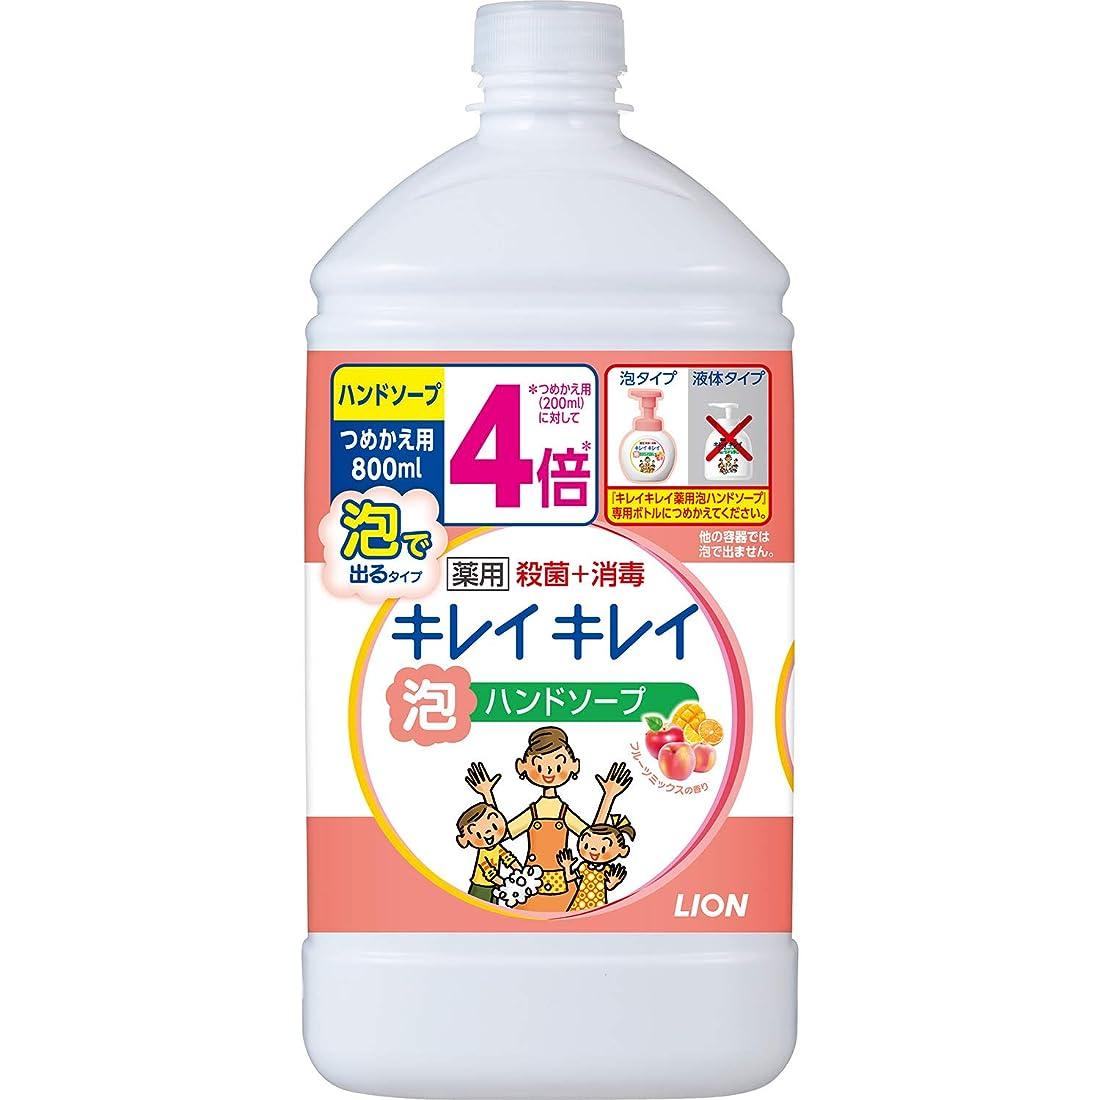 選出するパステル報告書(医薬部外品)【大容量】キレイキレイ 薬用 泡ハンドソープ フルーツミックスの香り 詰替特大 800ml